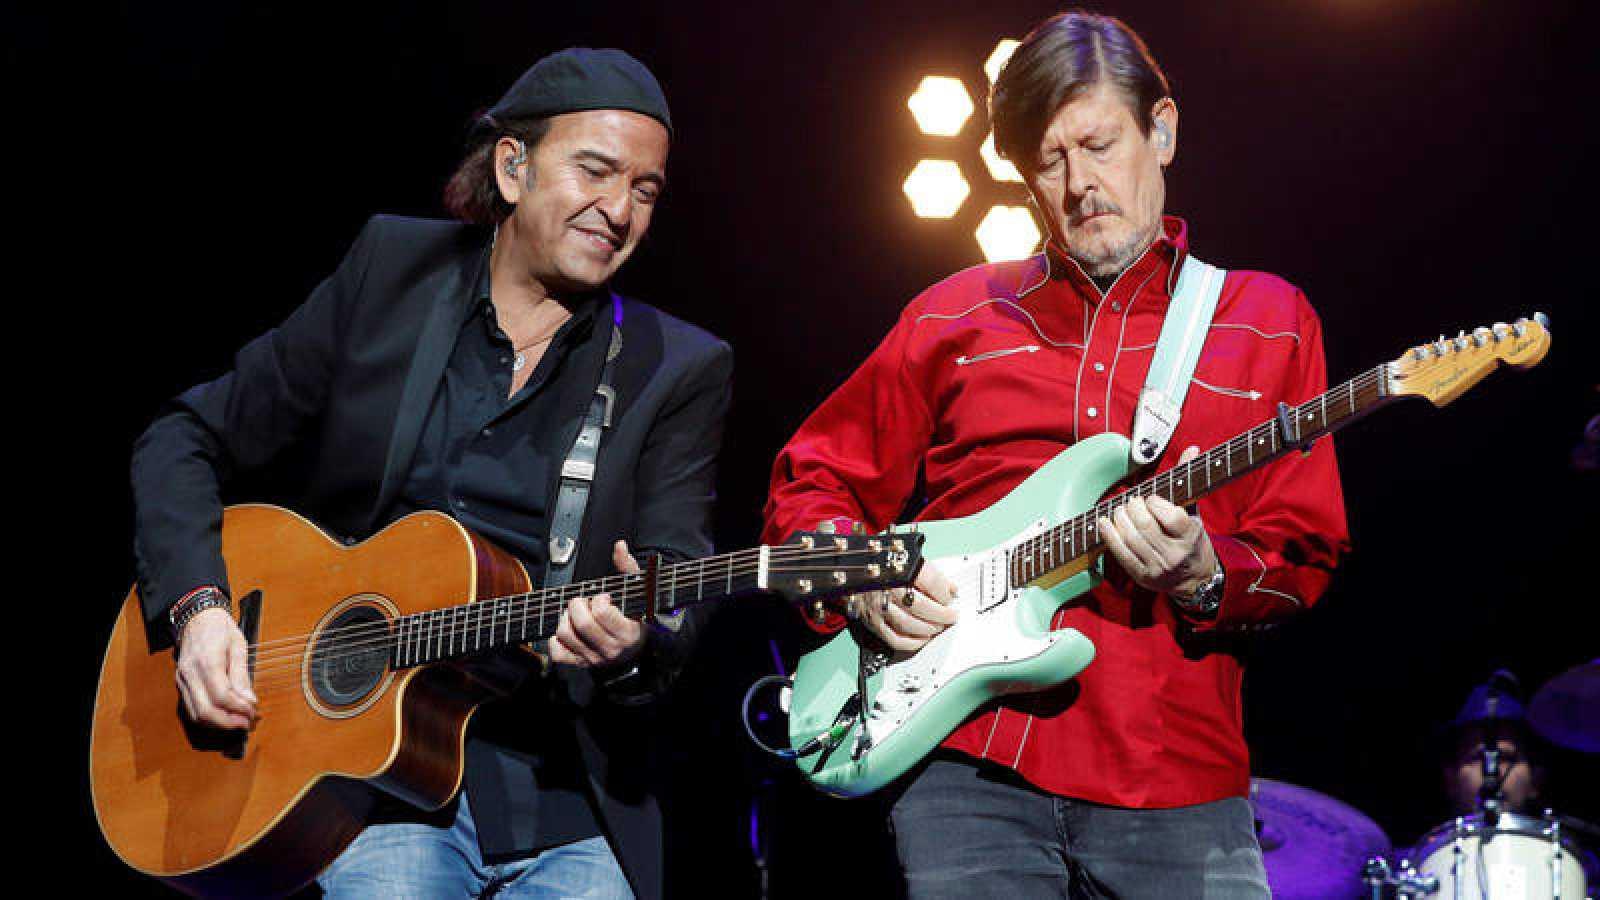 Álvaro Urquijo y Ramón Arroyo, del grupo Los Secretos, rinden homenaje en concierto a Enrique Urquijo